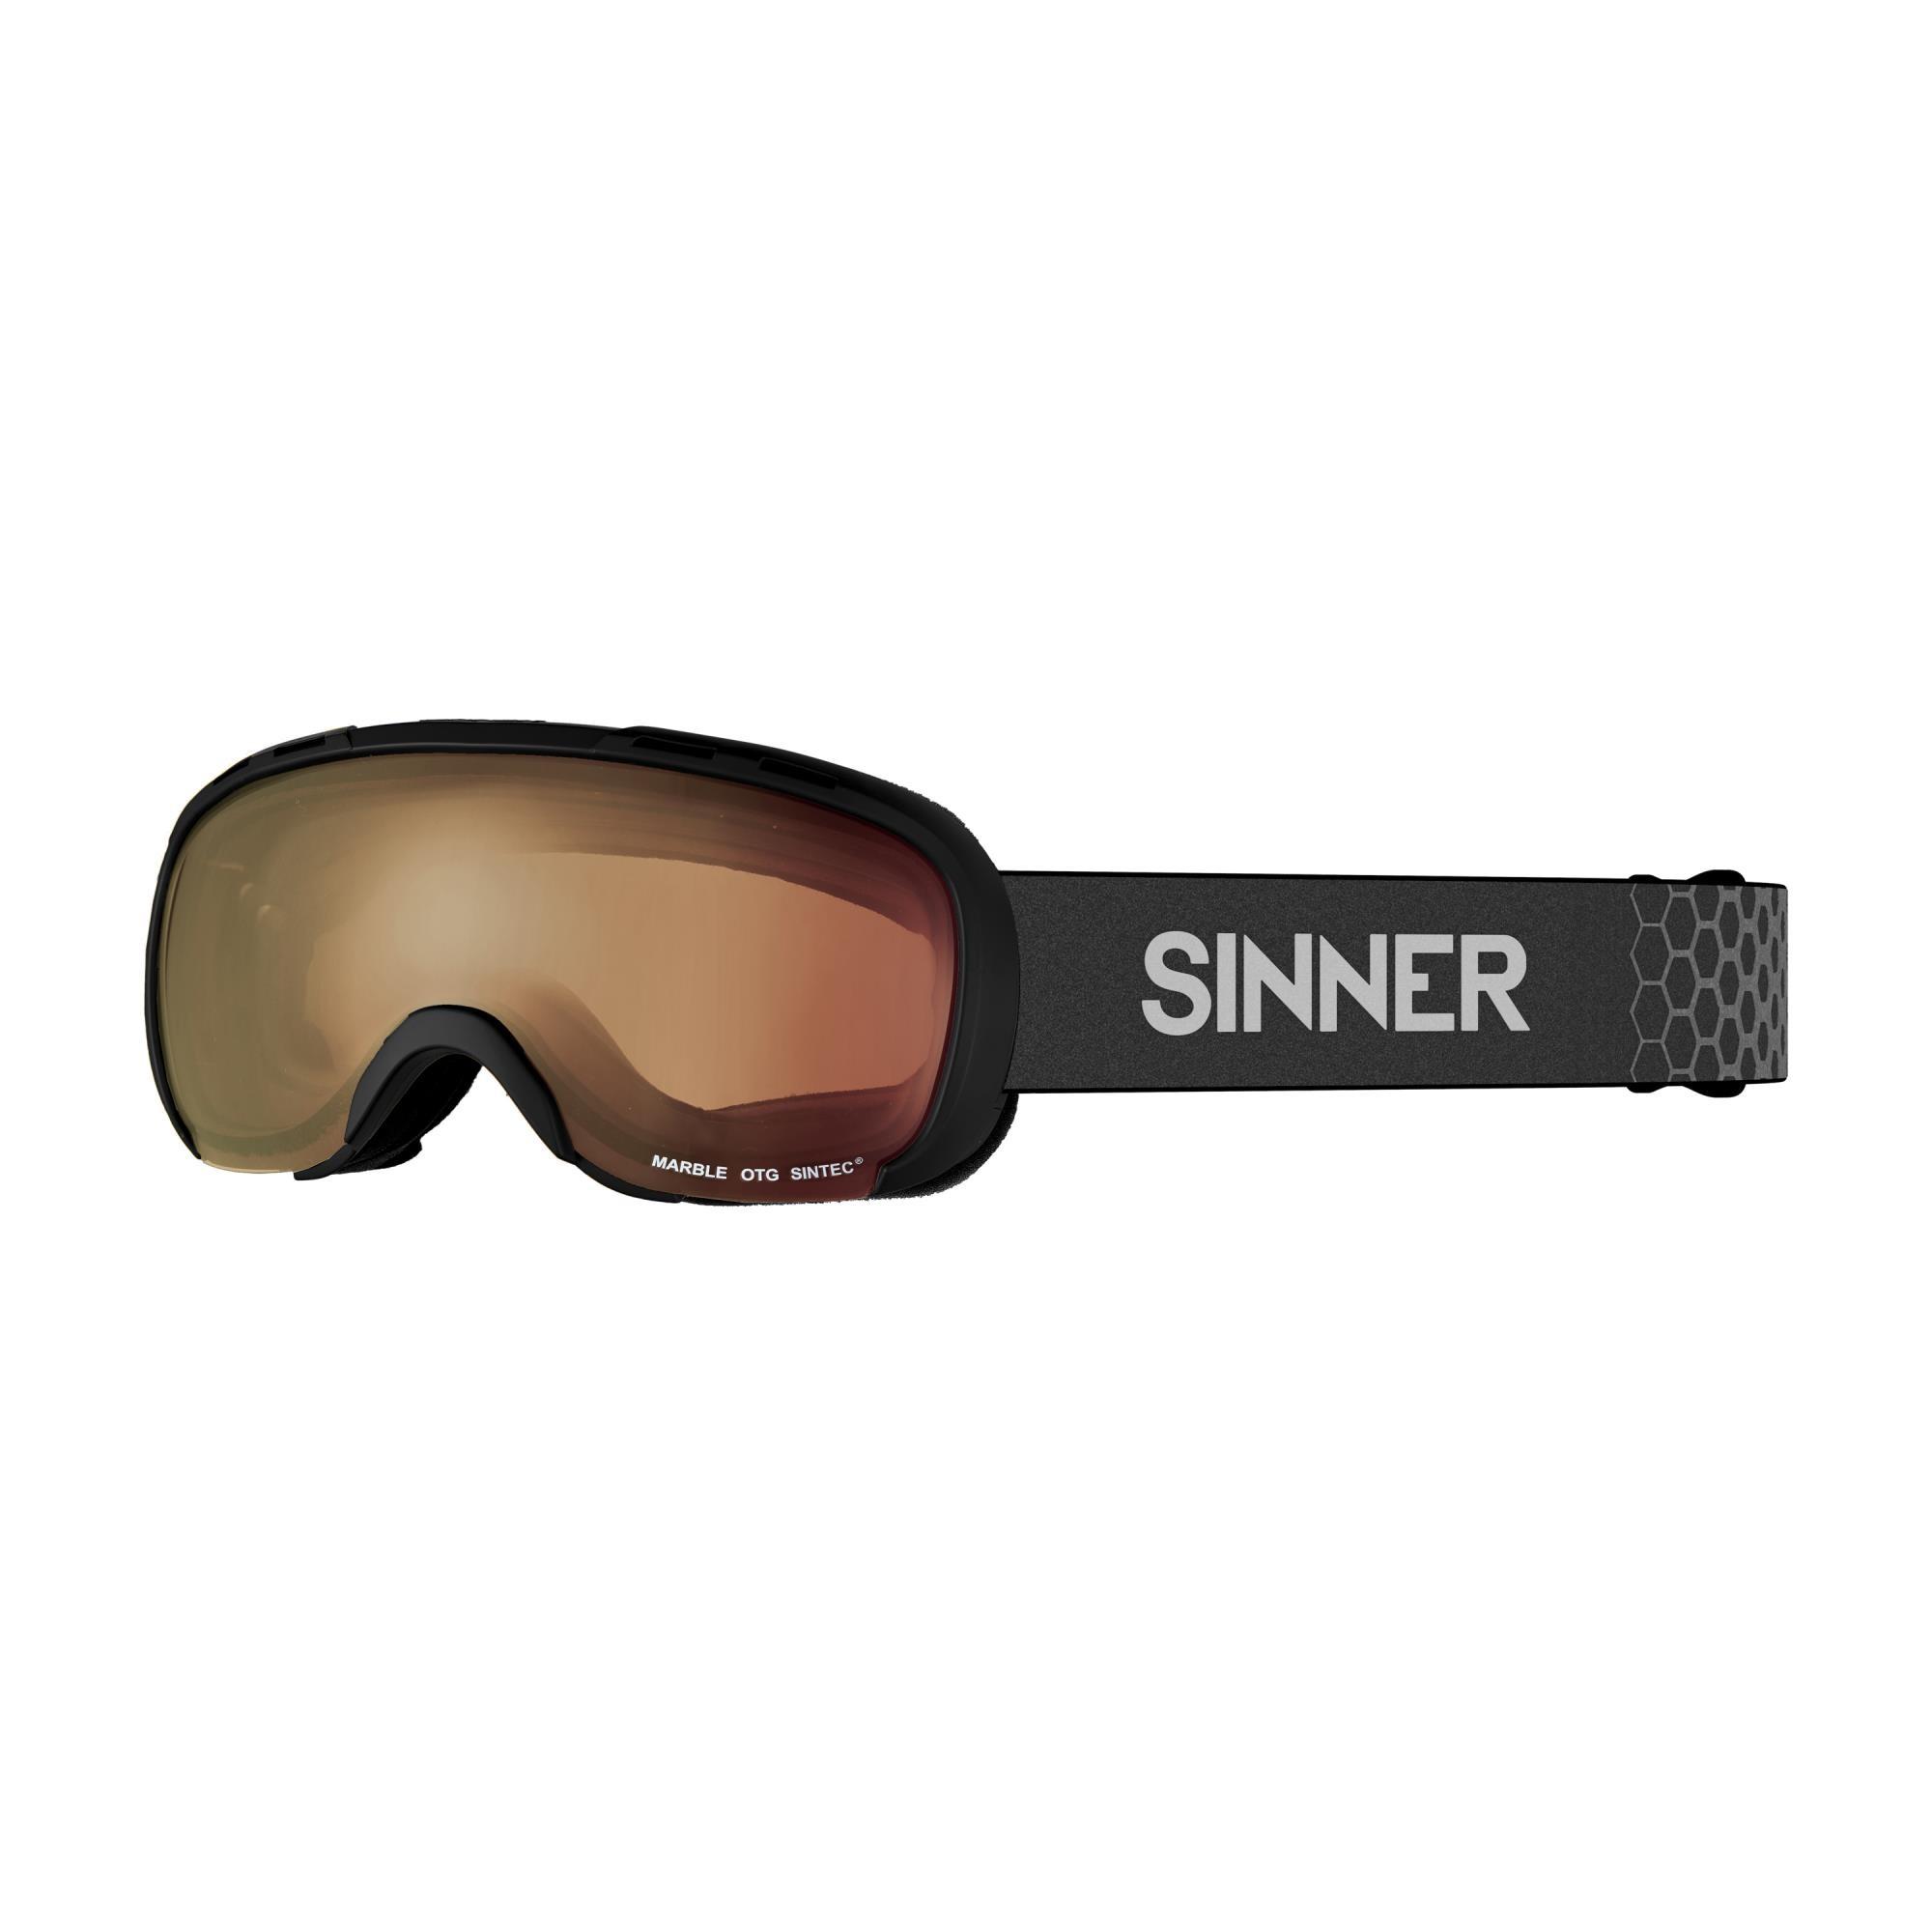 Sinner Marble Skibril Otg - Mat Zwart - Oranje Sintec® Lens